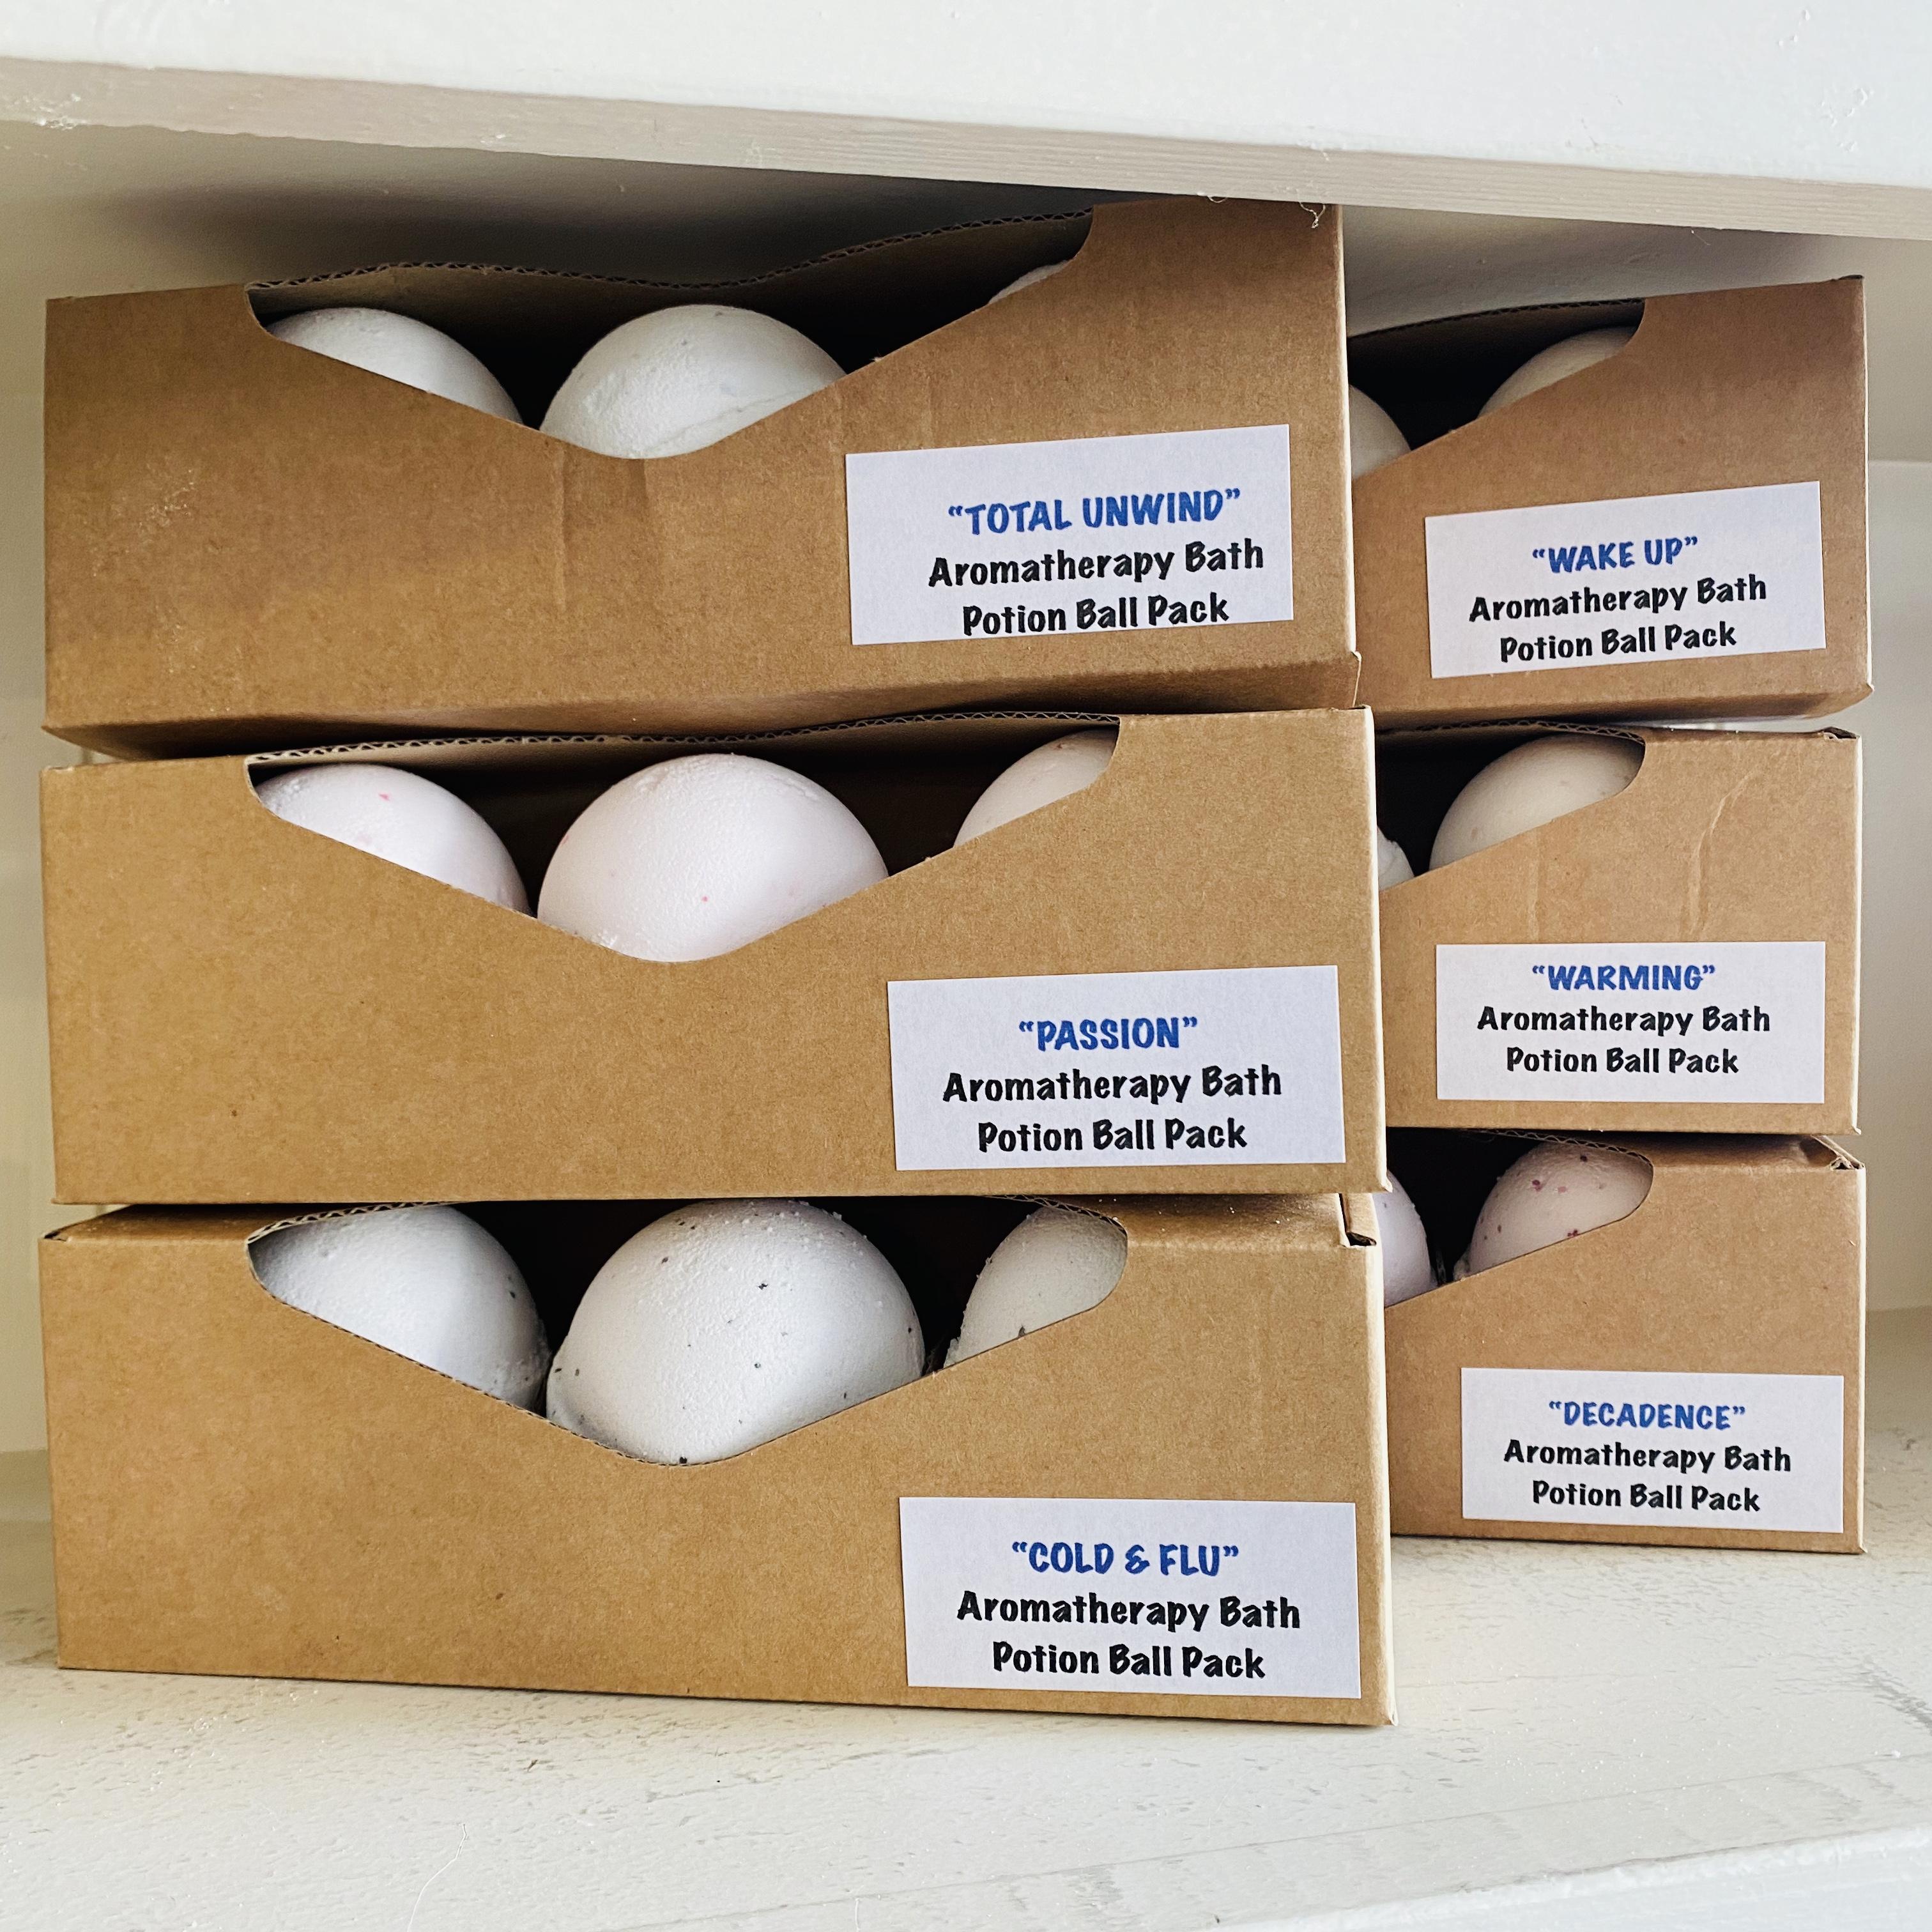 Aromatherapy Bath Potion Balls